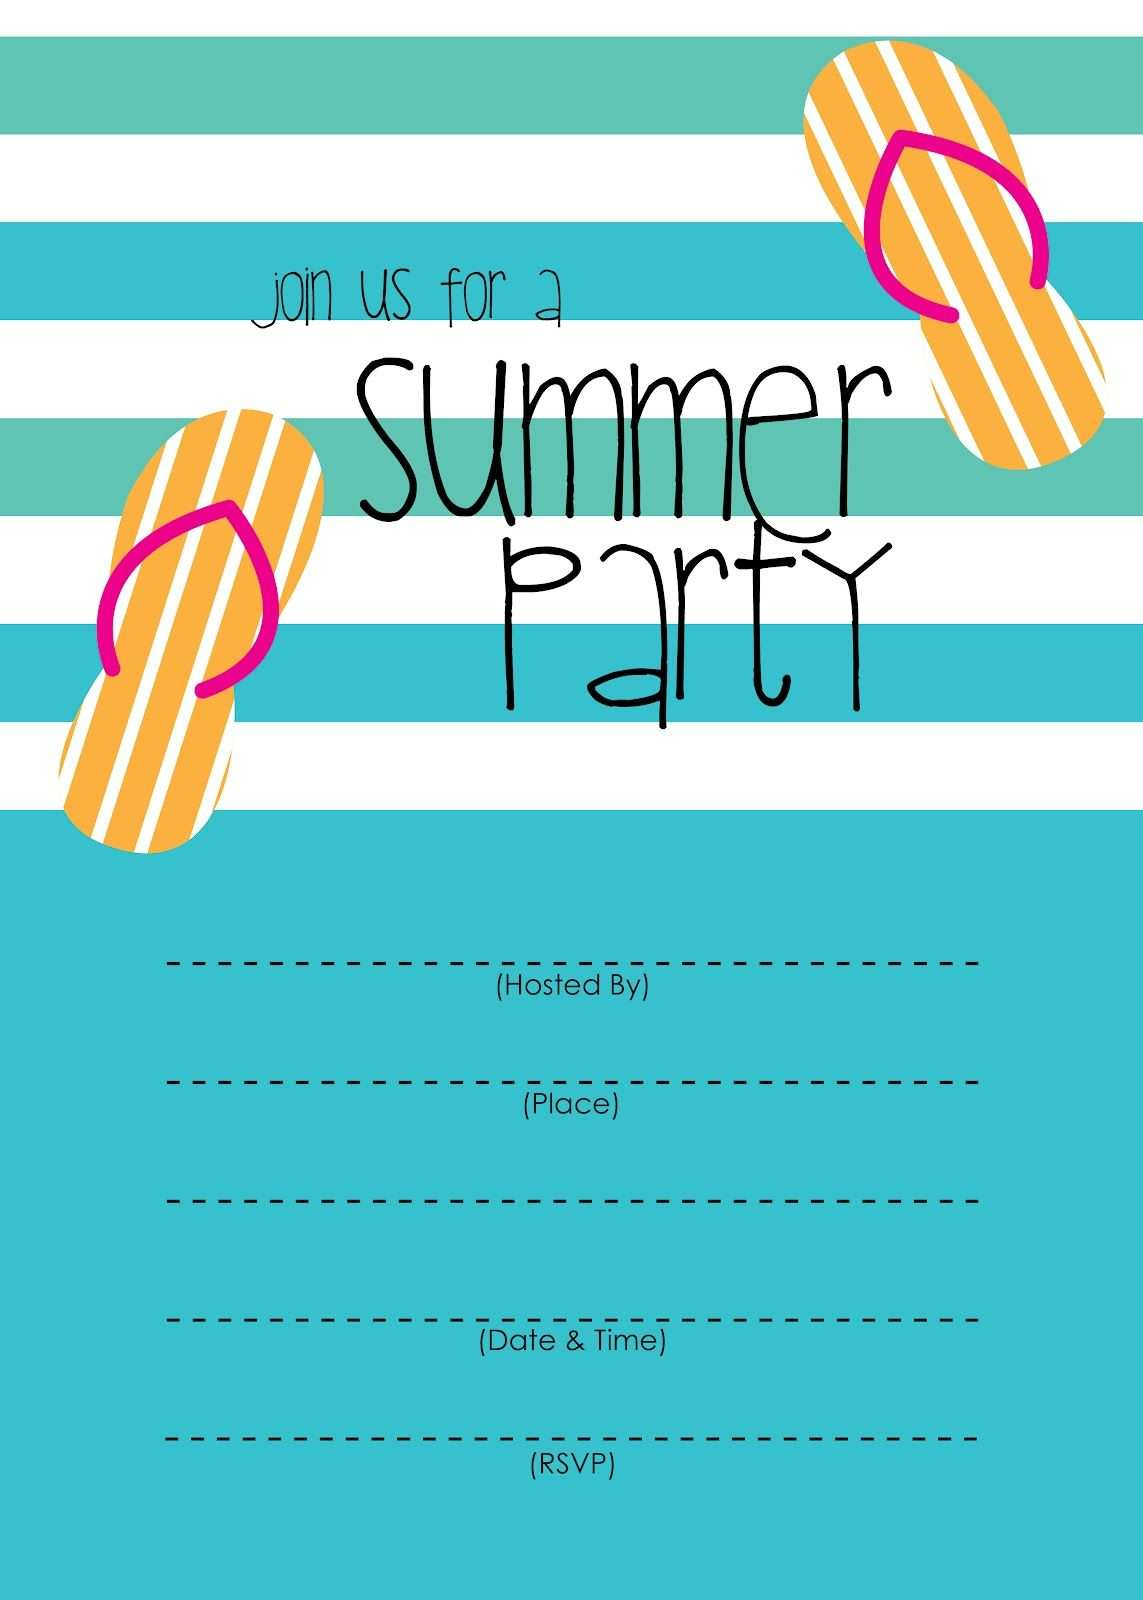 Summer Party Invitation Free Printable Einladung Vorlage